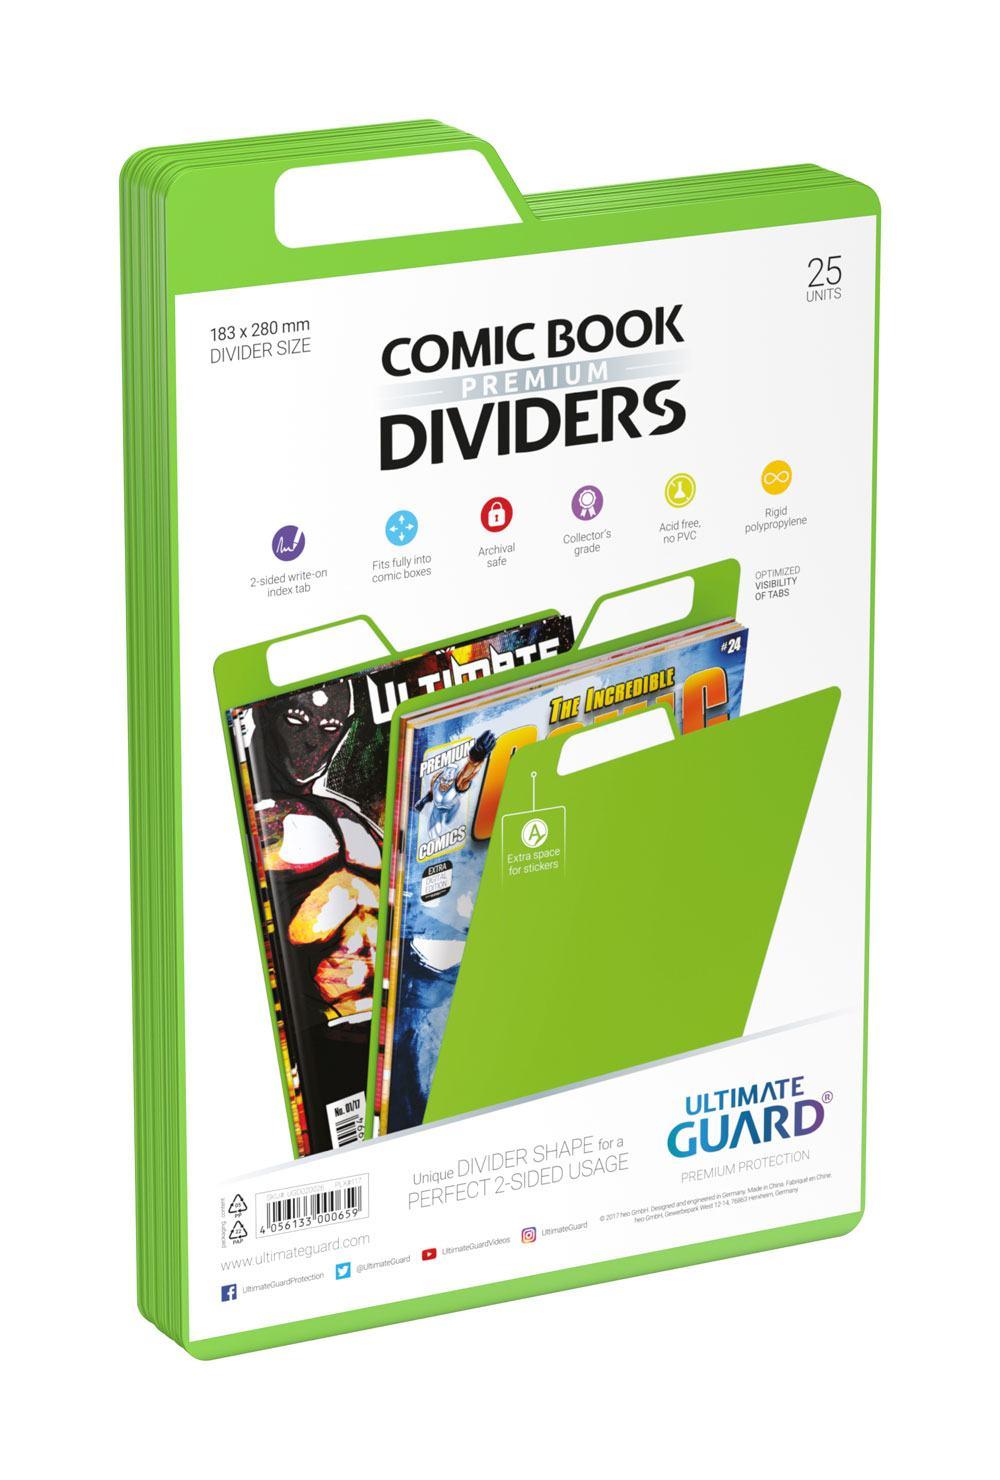 Photo du produit Ultimate Guard 25 intercalaires pour Comics Premium Comic Book Dividers Vert